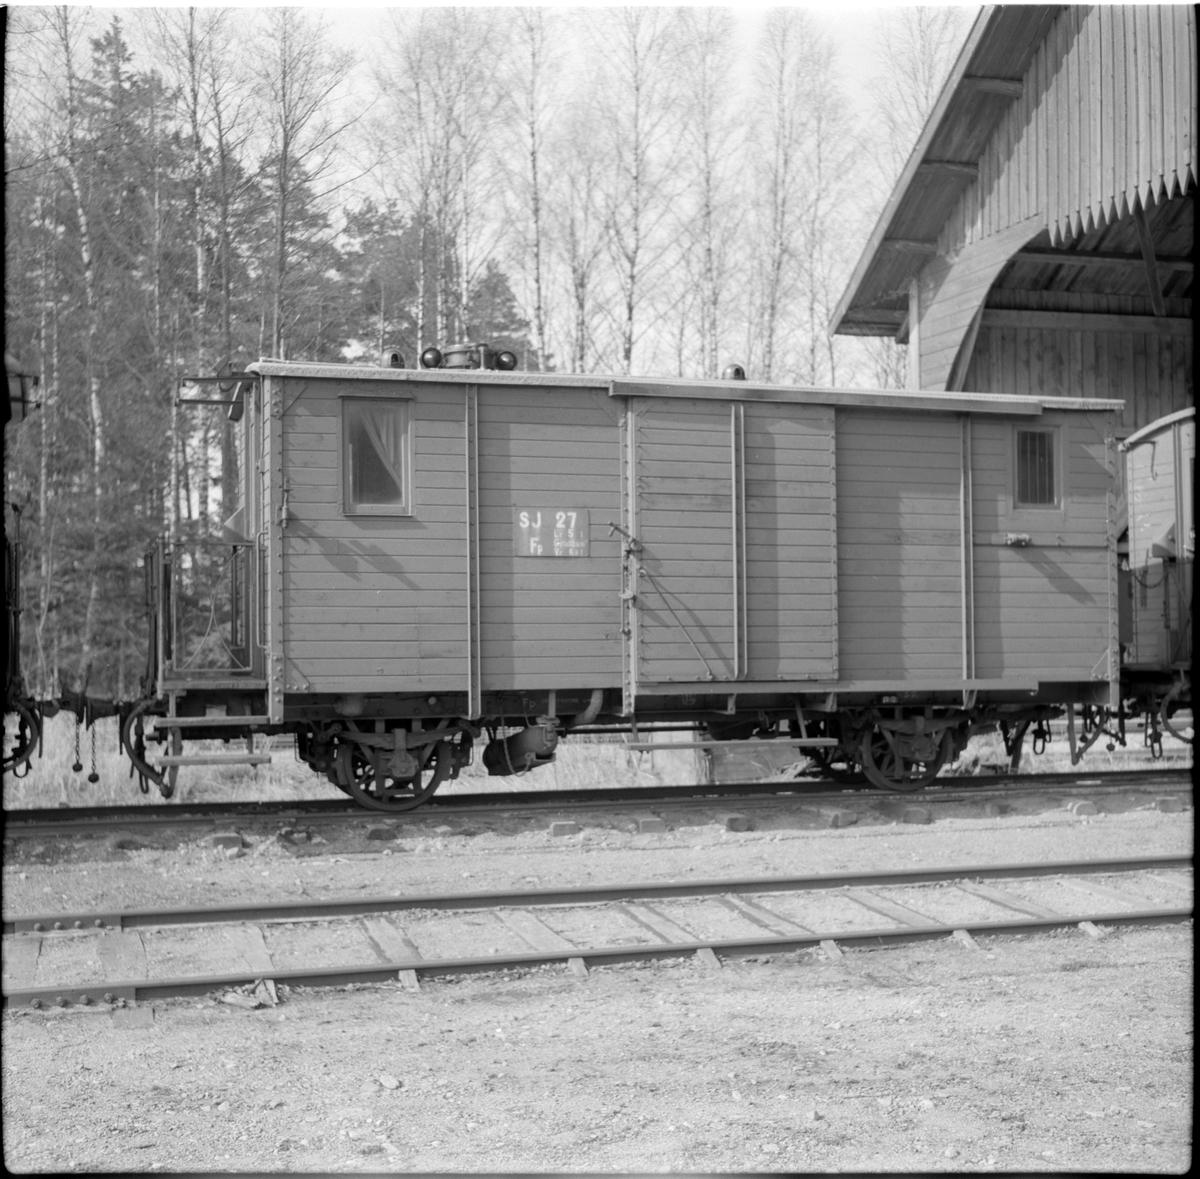 Statens Järnvägar, SJ Fp 27 resgodsvagn.